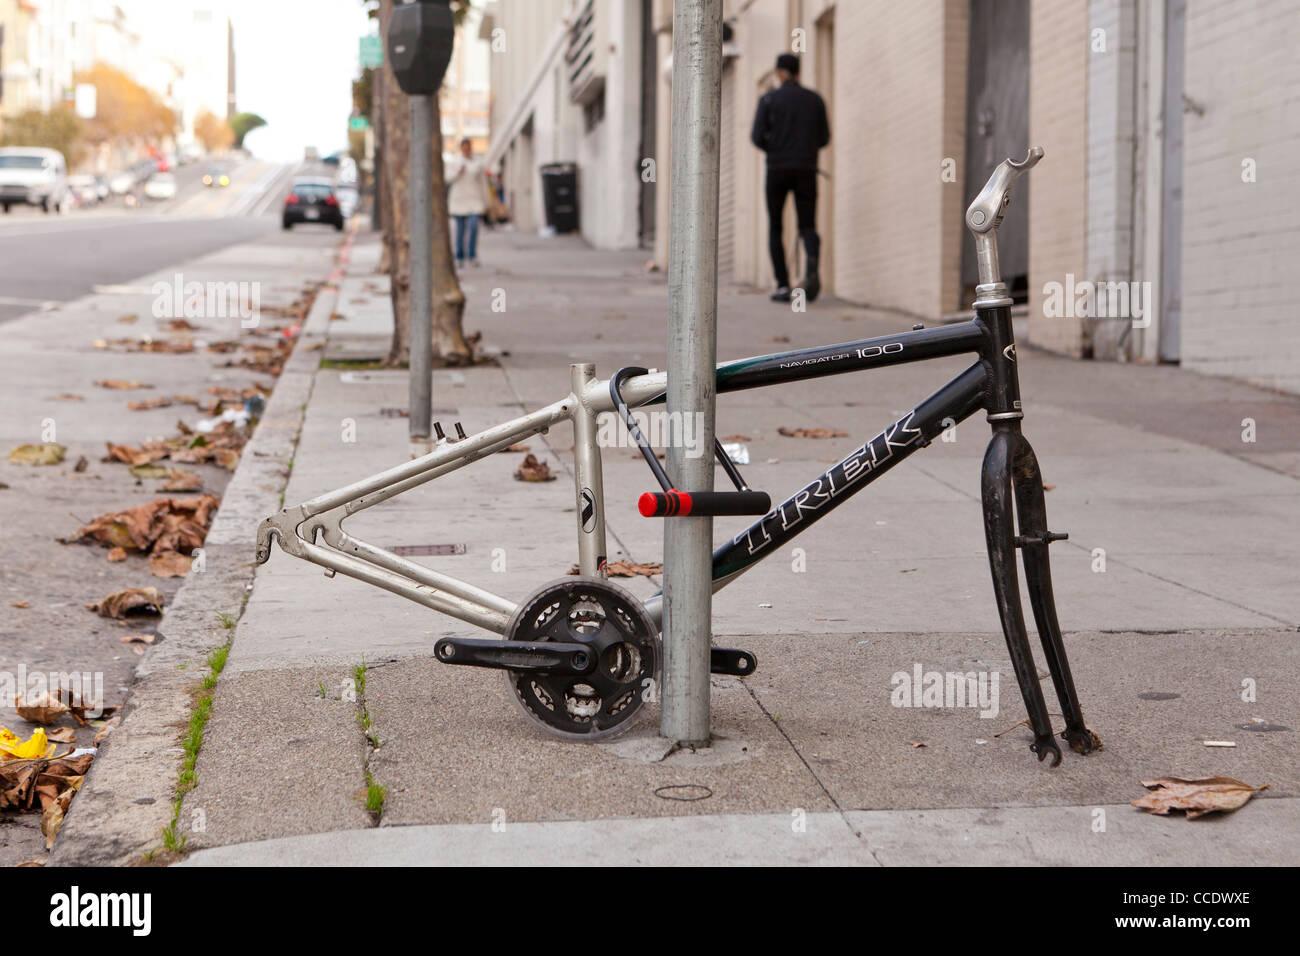 Vandalized bicycle on sidewalk (vandalized bike frame) - USA - Stock Image